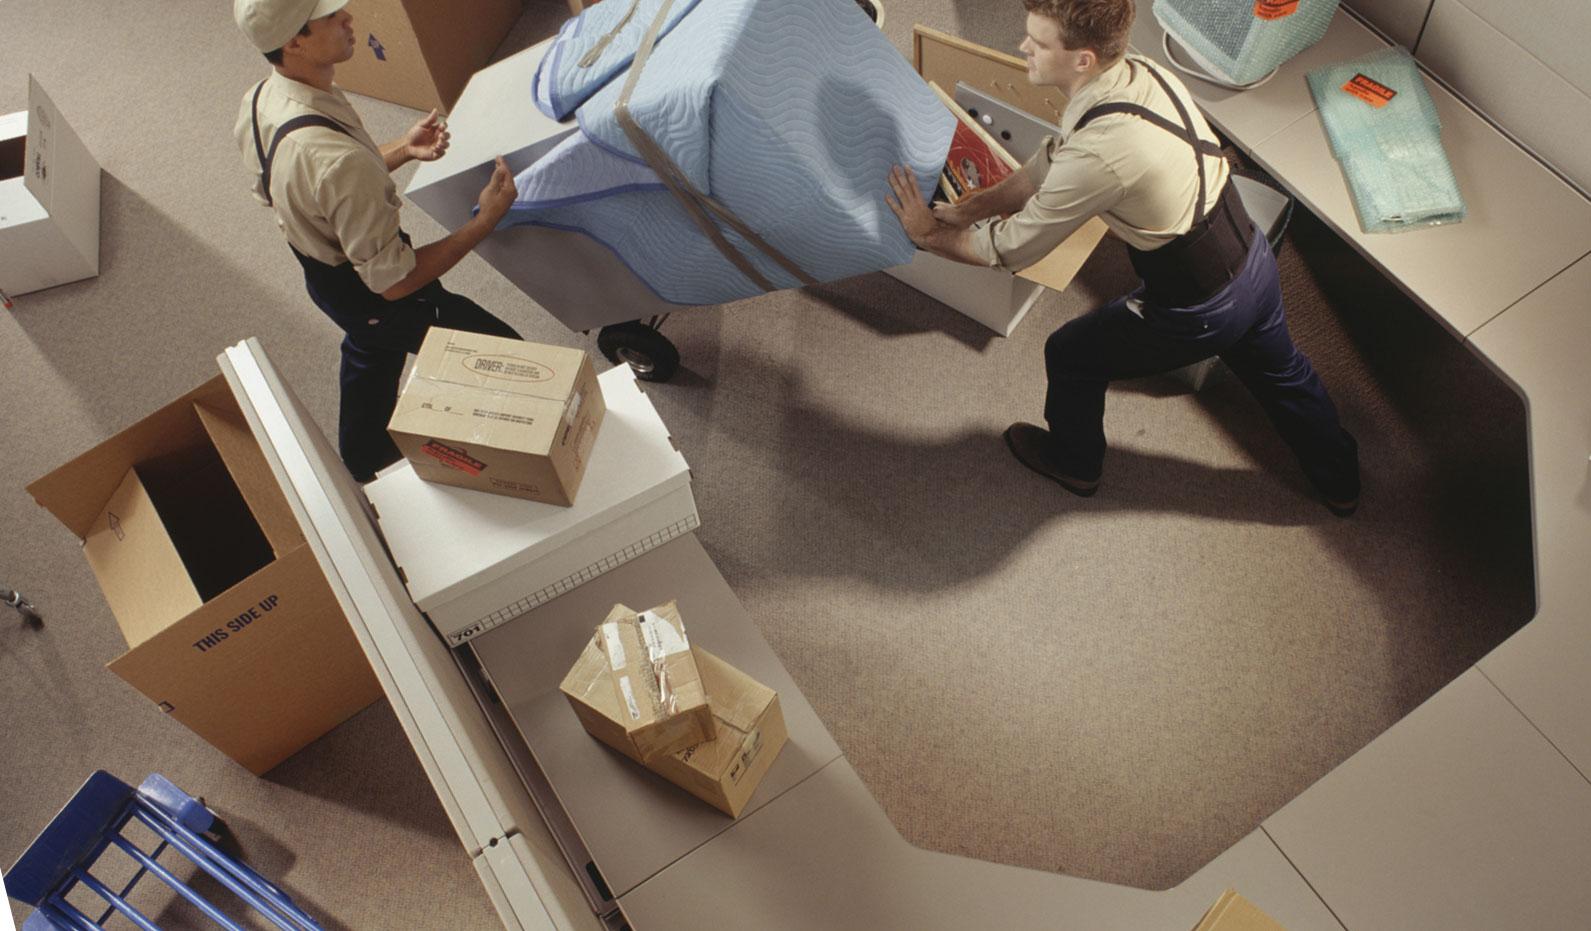 verhuizers in een ict kantoorpand